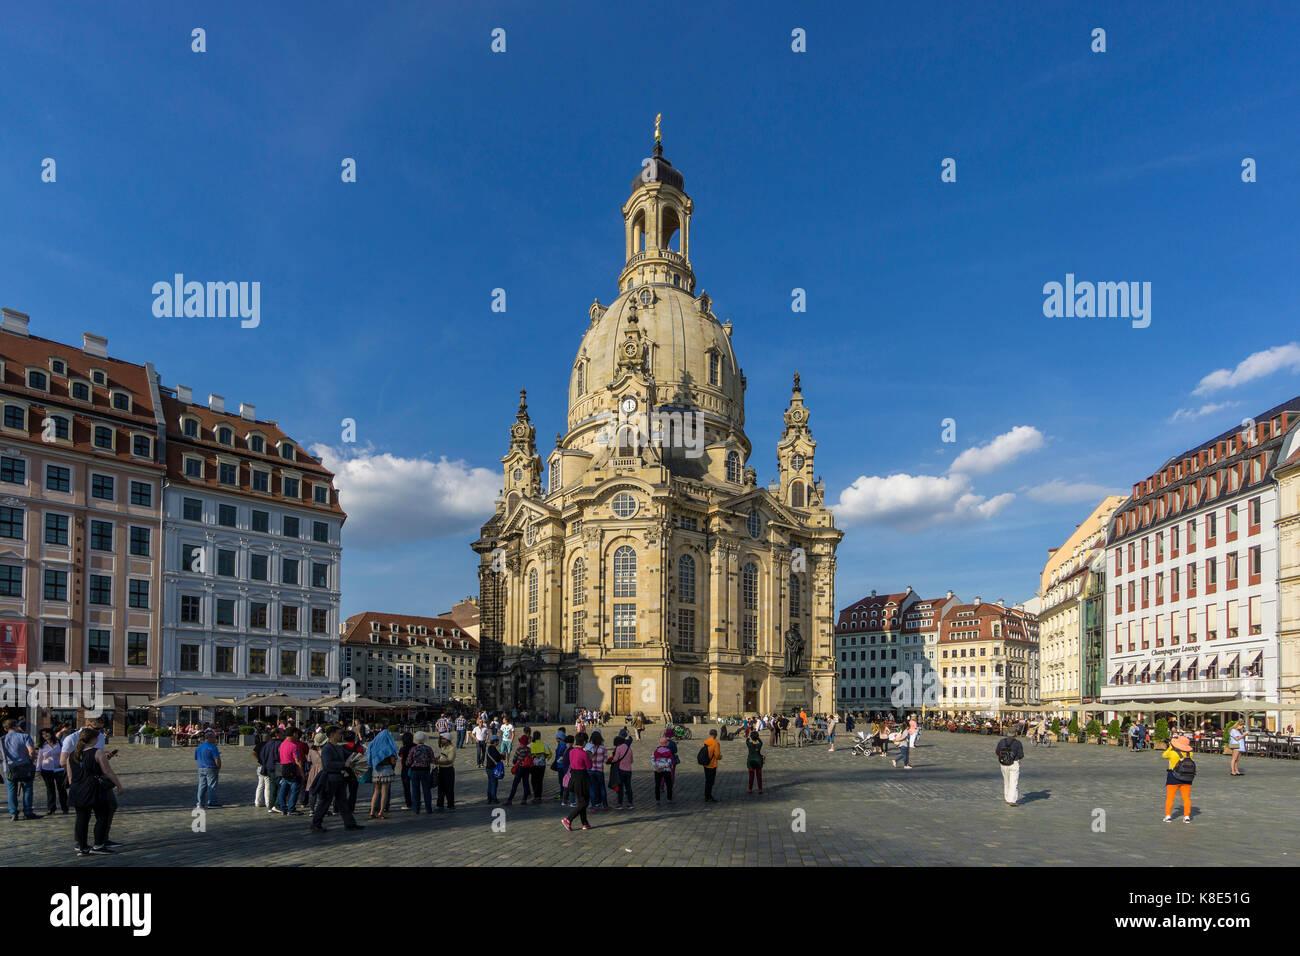 Dresden, Frauenkirche am Neuen Markt, die Frauenkirche auf dem Neumarkt Stockbild